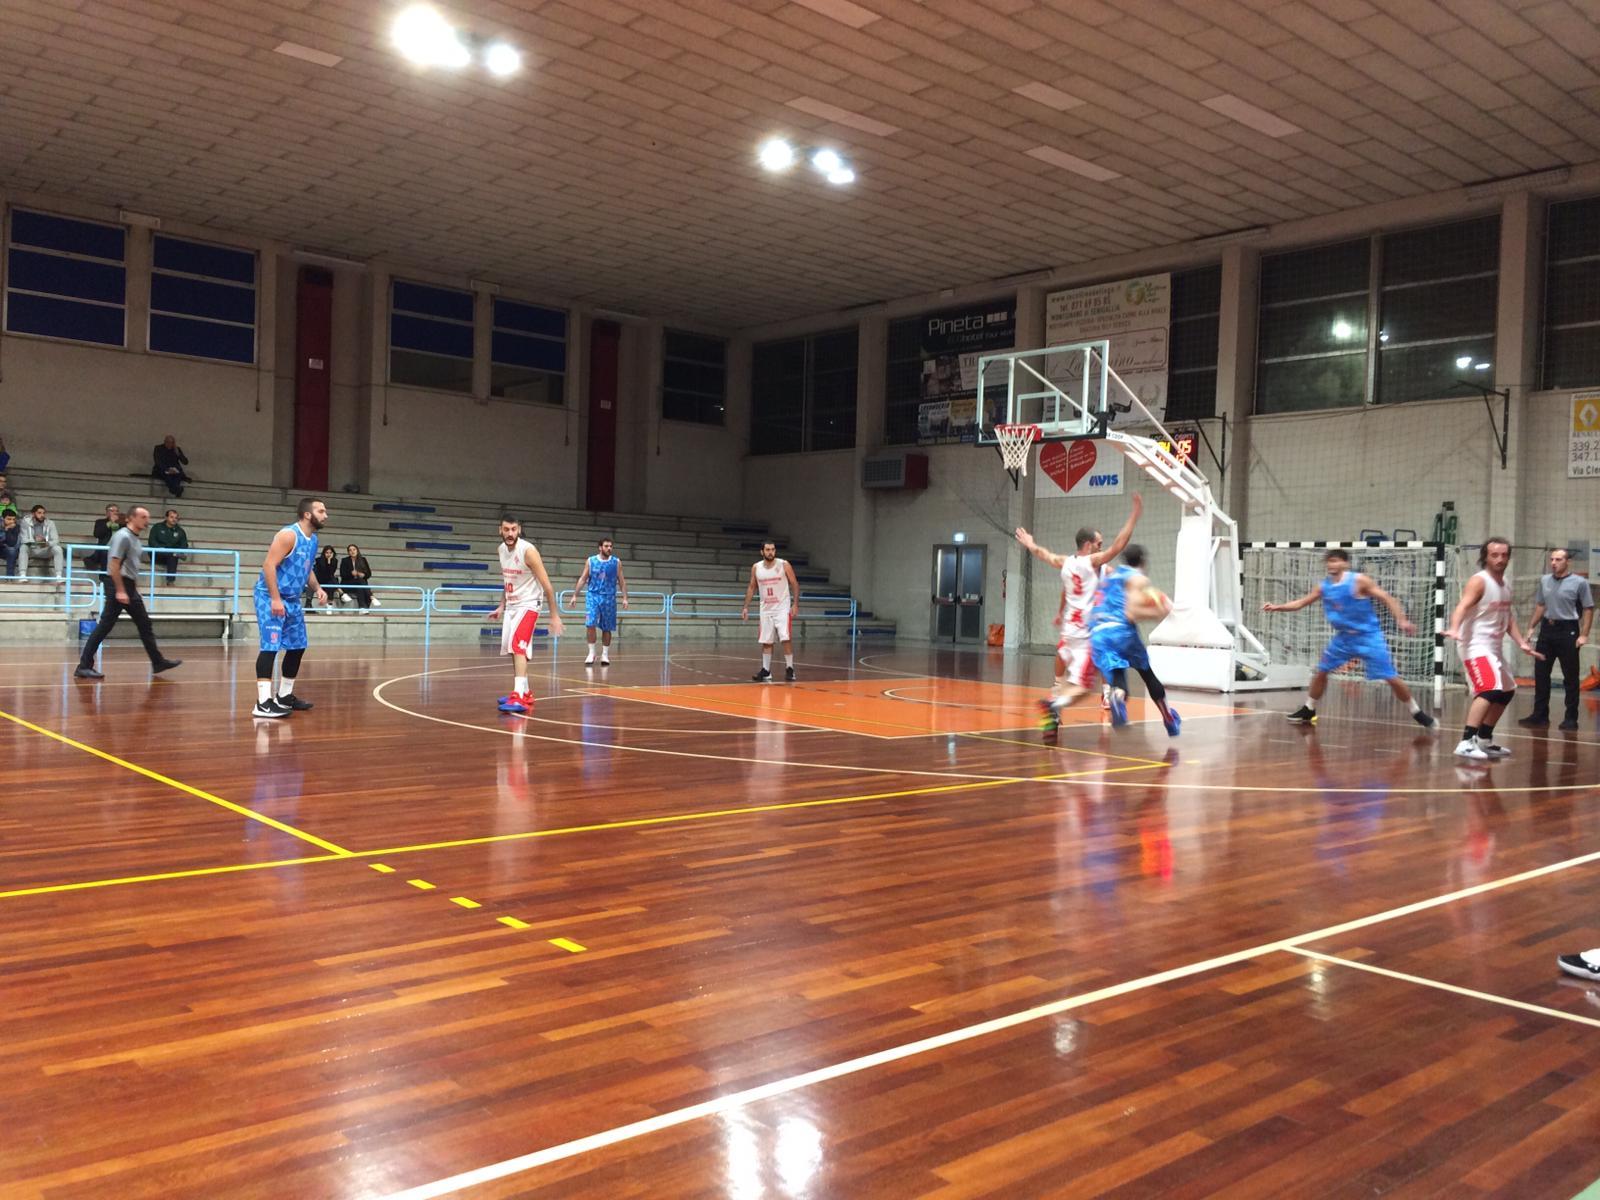 Il Senigallia Basket 2020 espugna il campo della Don Leone Ricci Chiaravalle e resta imbattuto - Promozione Marche Girone B - Basketmarche.it